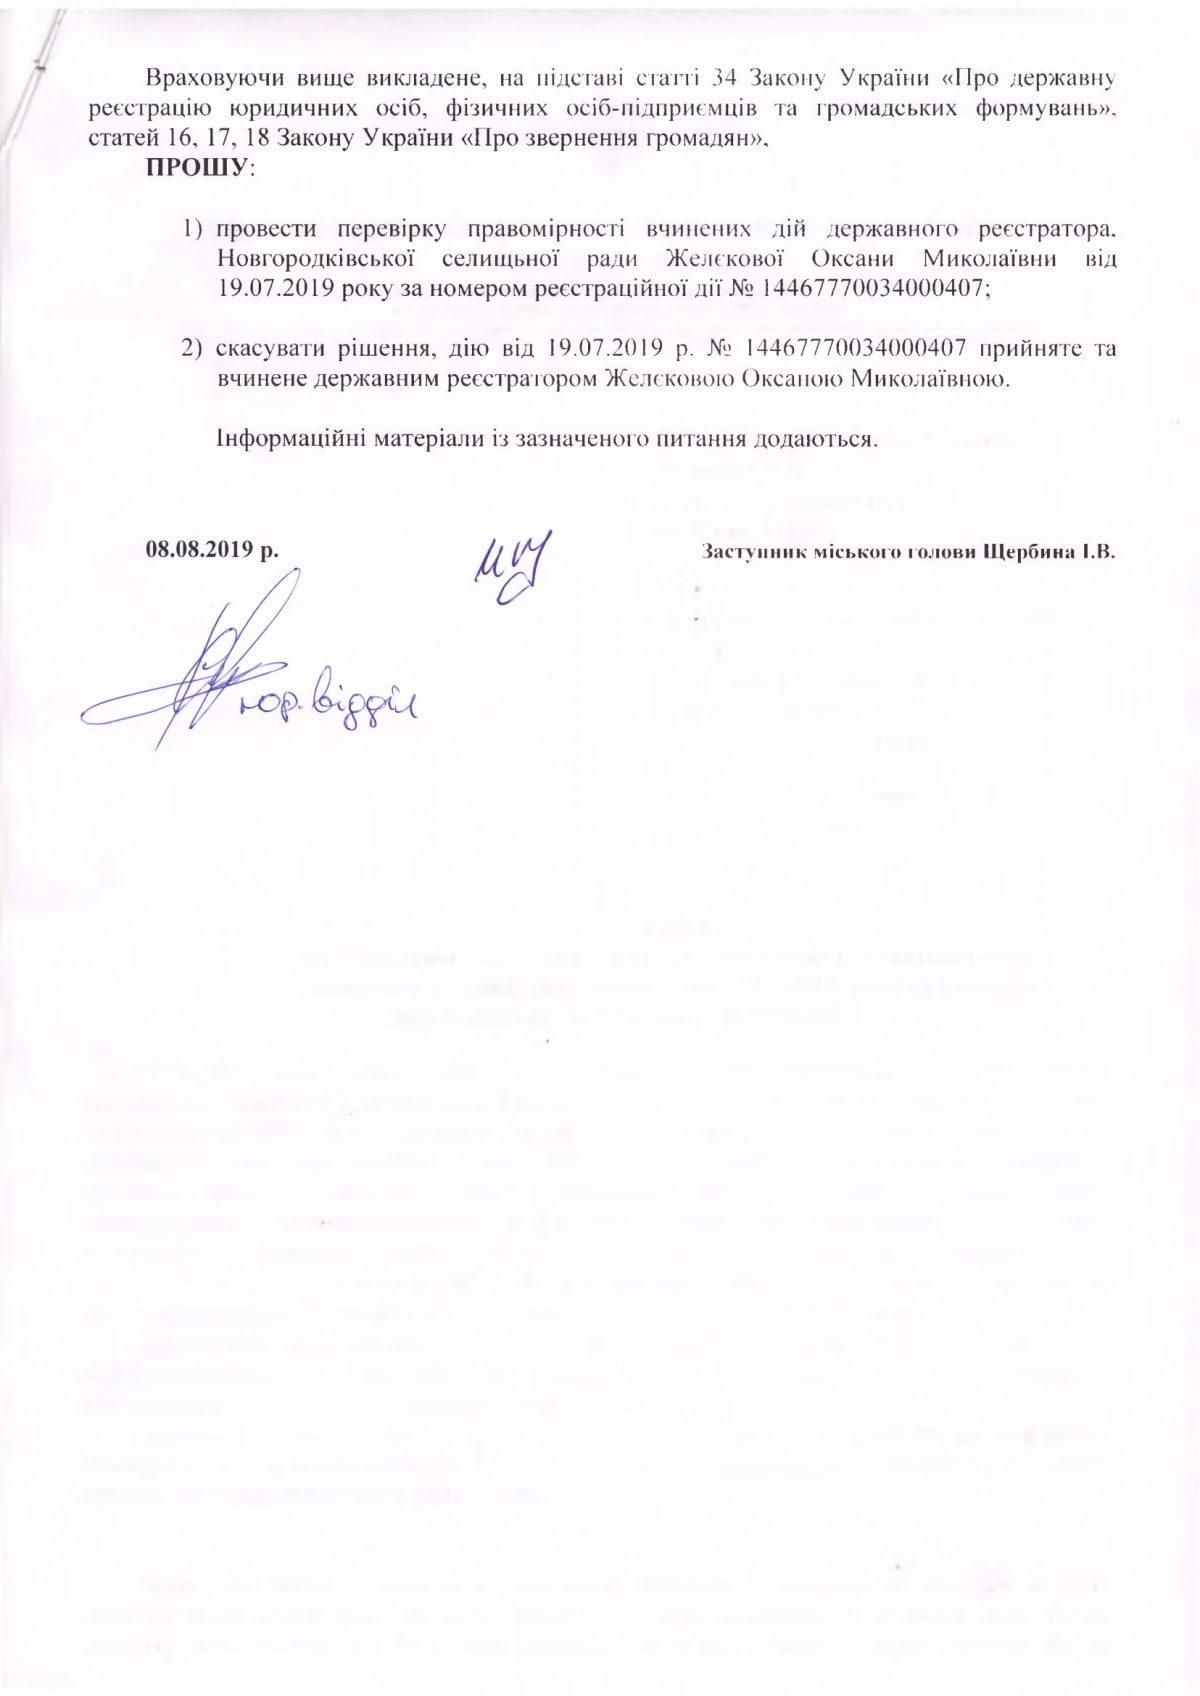 На Кіровоградщині відбулося рейдерське захоплення теплопостачального підприємства - 4 - Рейдерство - Без Купюр